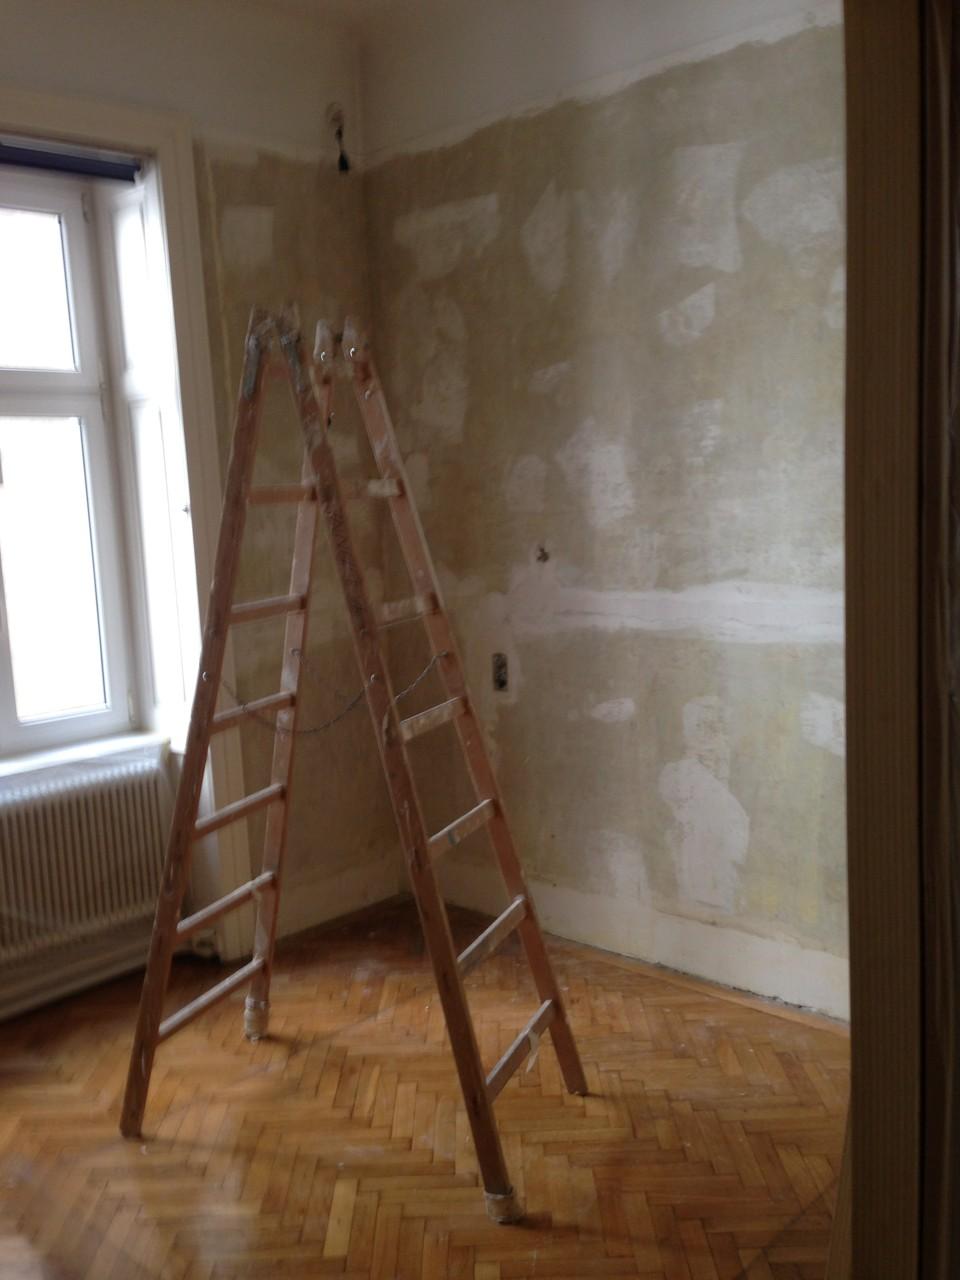 Alte Tapeten entfernen, Wände und Decke spachteln, malen und tapezieren, Parkett schleifen, kitten und versiegeln